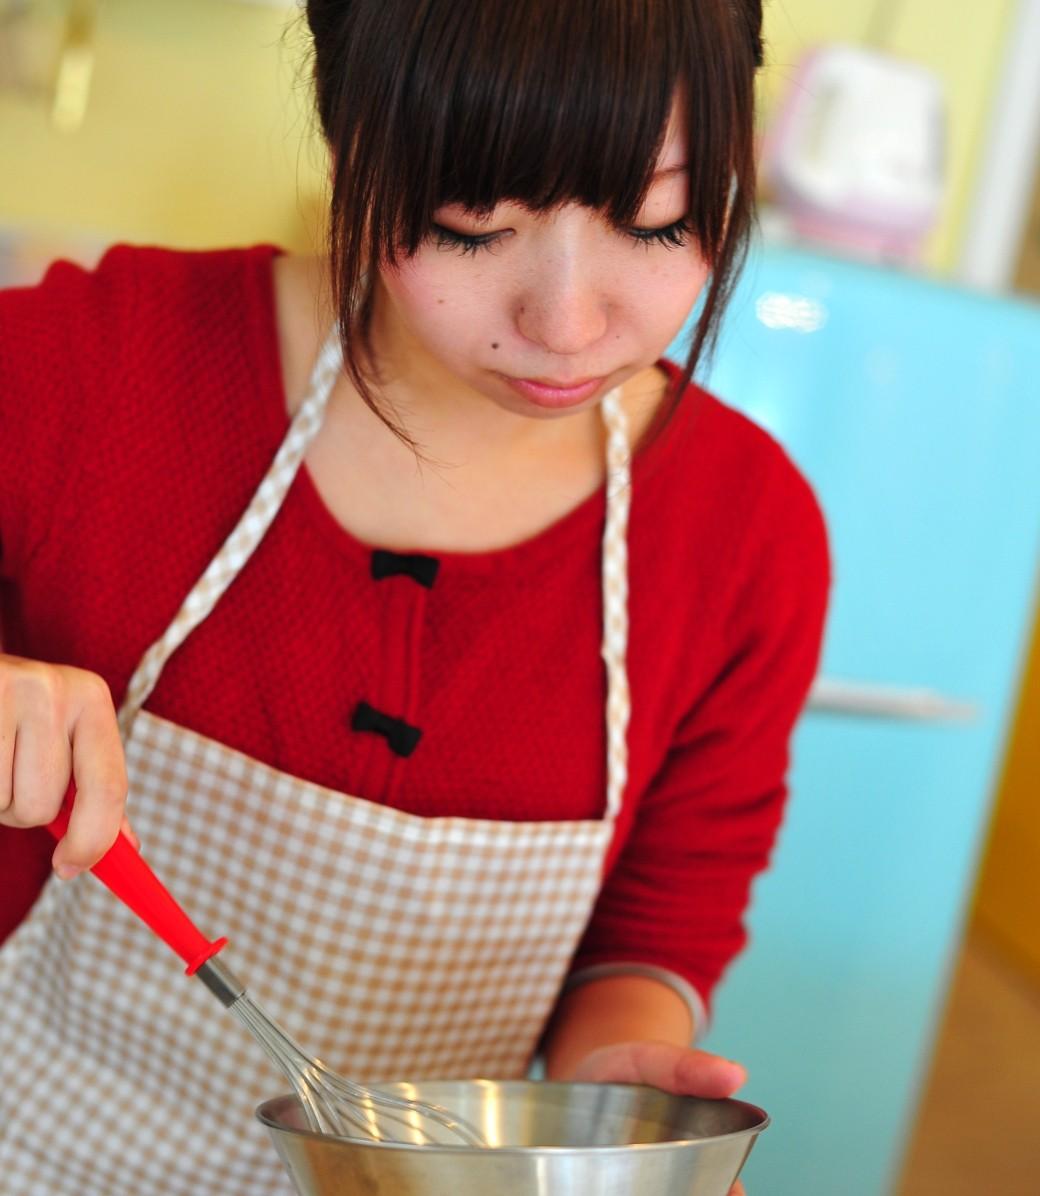 美味しんぼで海原雄山が作ったバニラアイスクリームの作り方